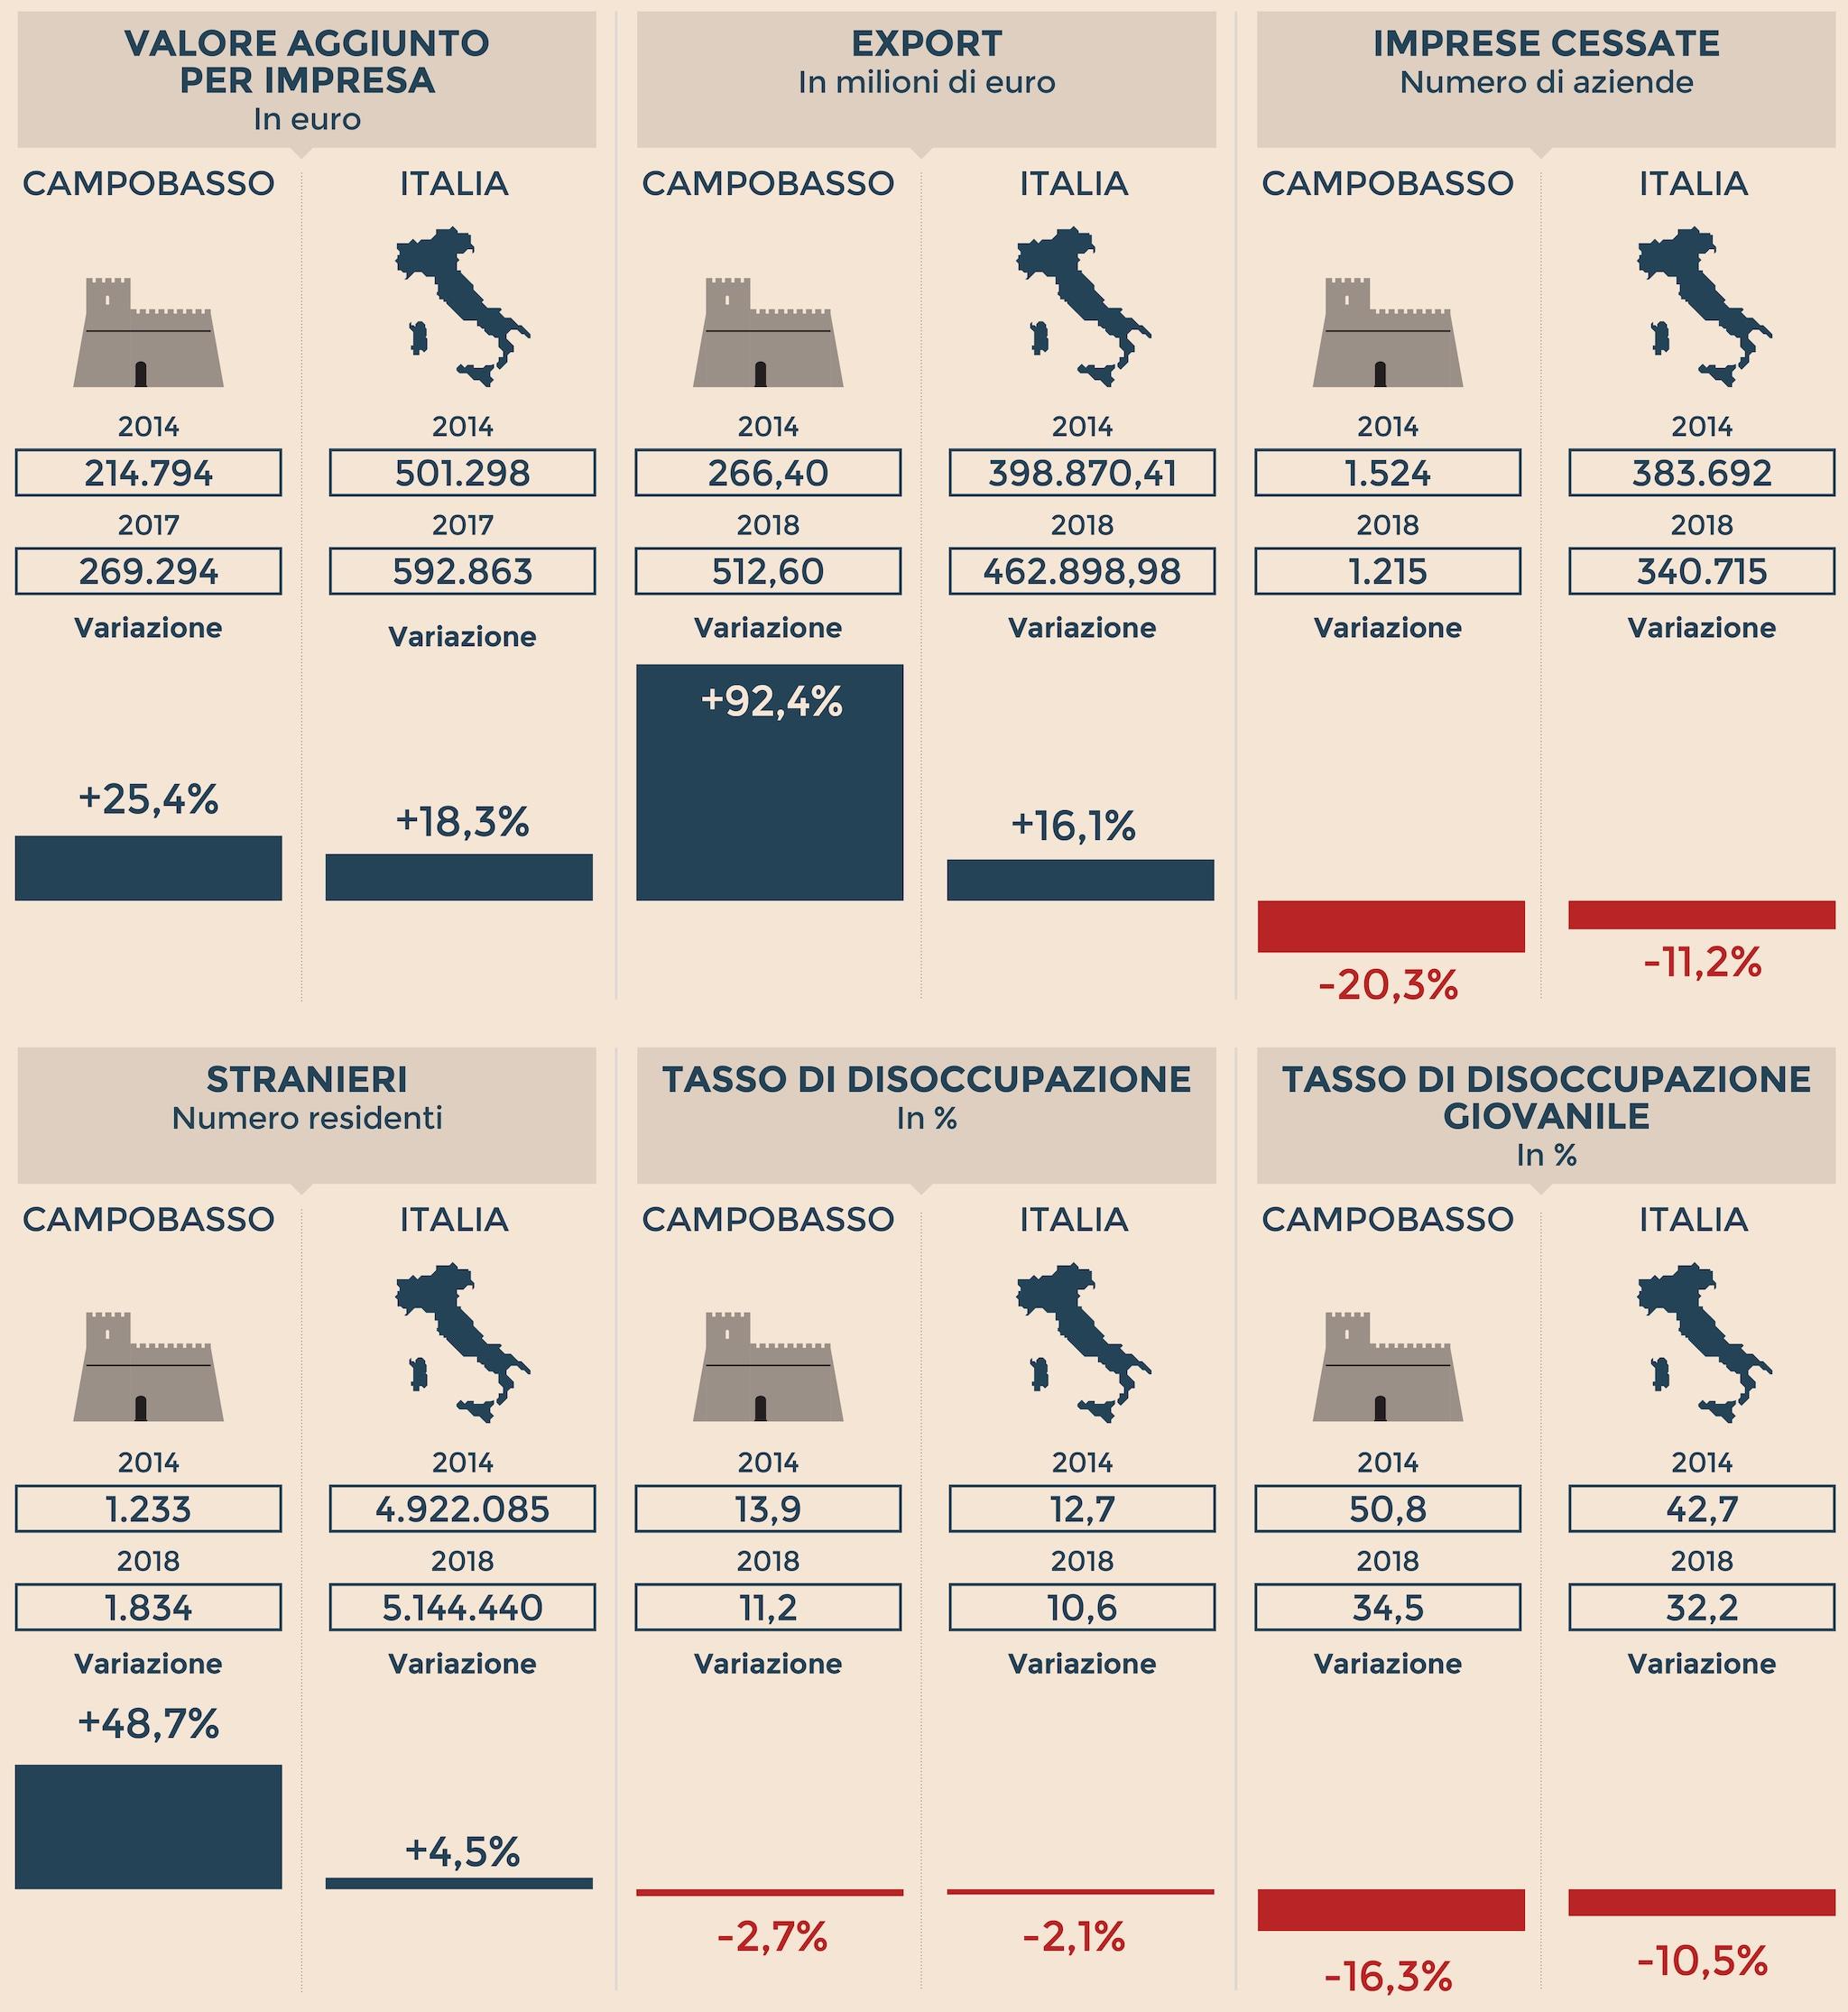 L'IDENTIKIT ECONOMICO DI CAMPOBASSO